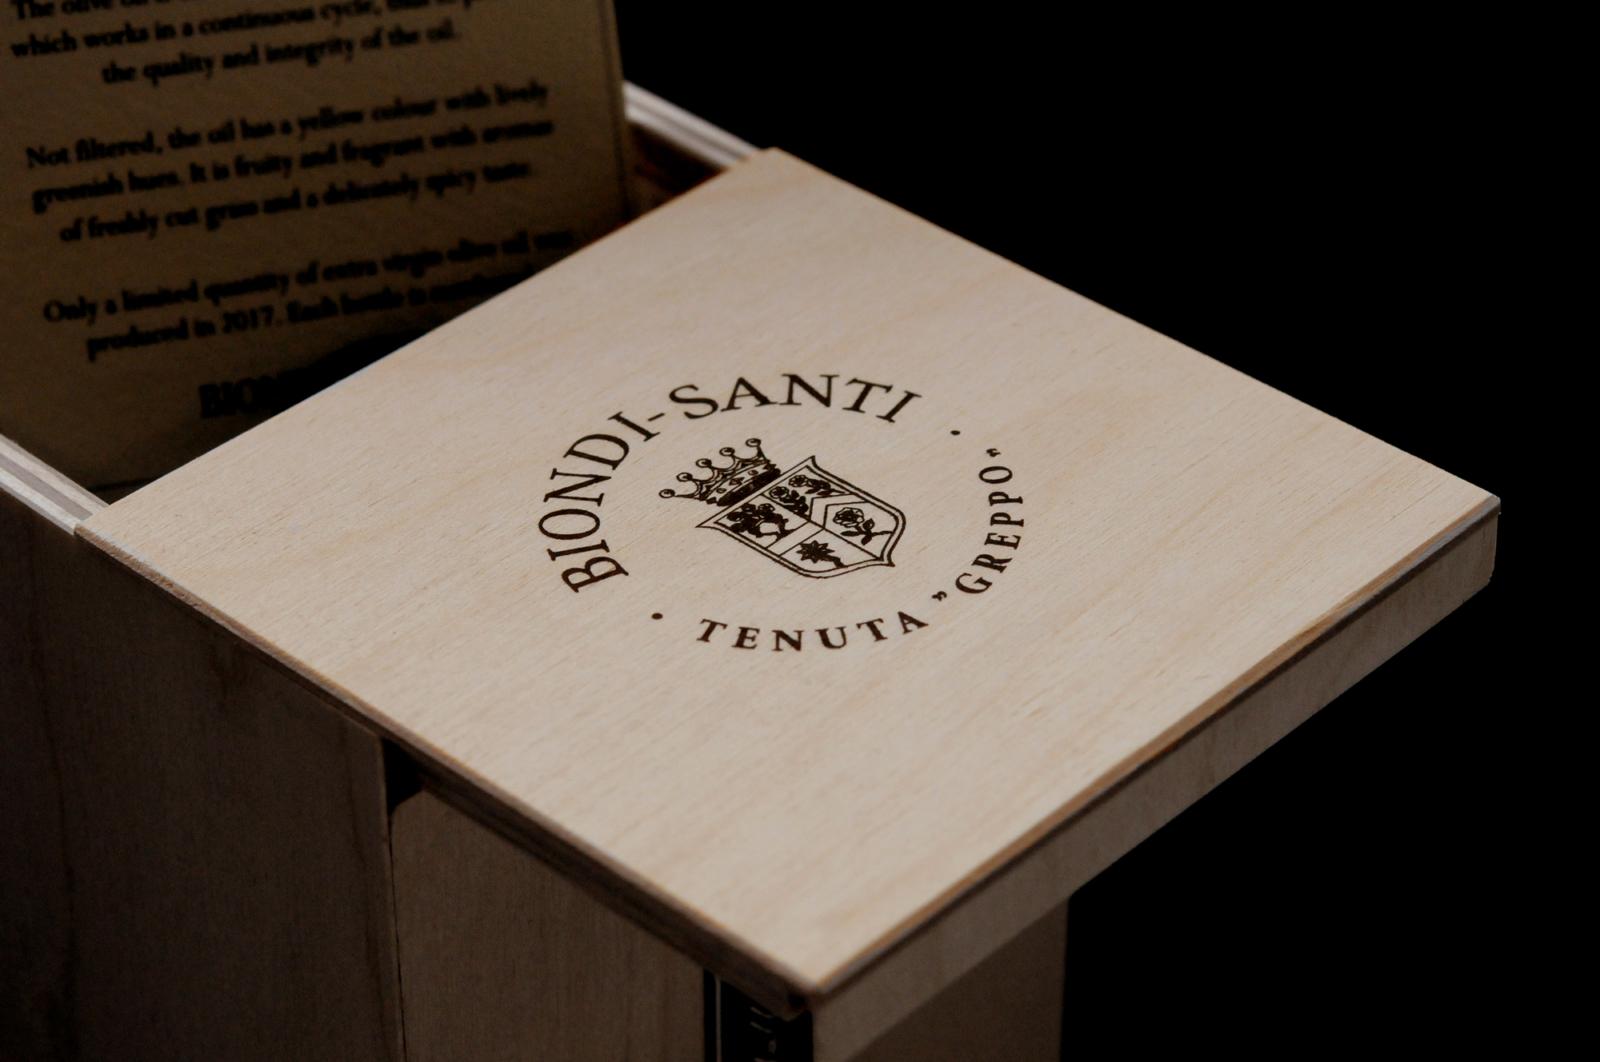 Huile d'Olives Biondi Santi - Un design pensé par l'agence de design de Paris Partisan du Sens.